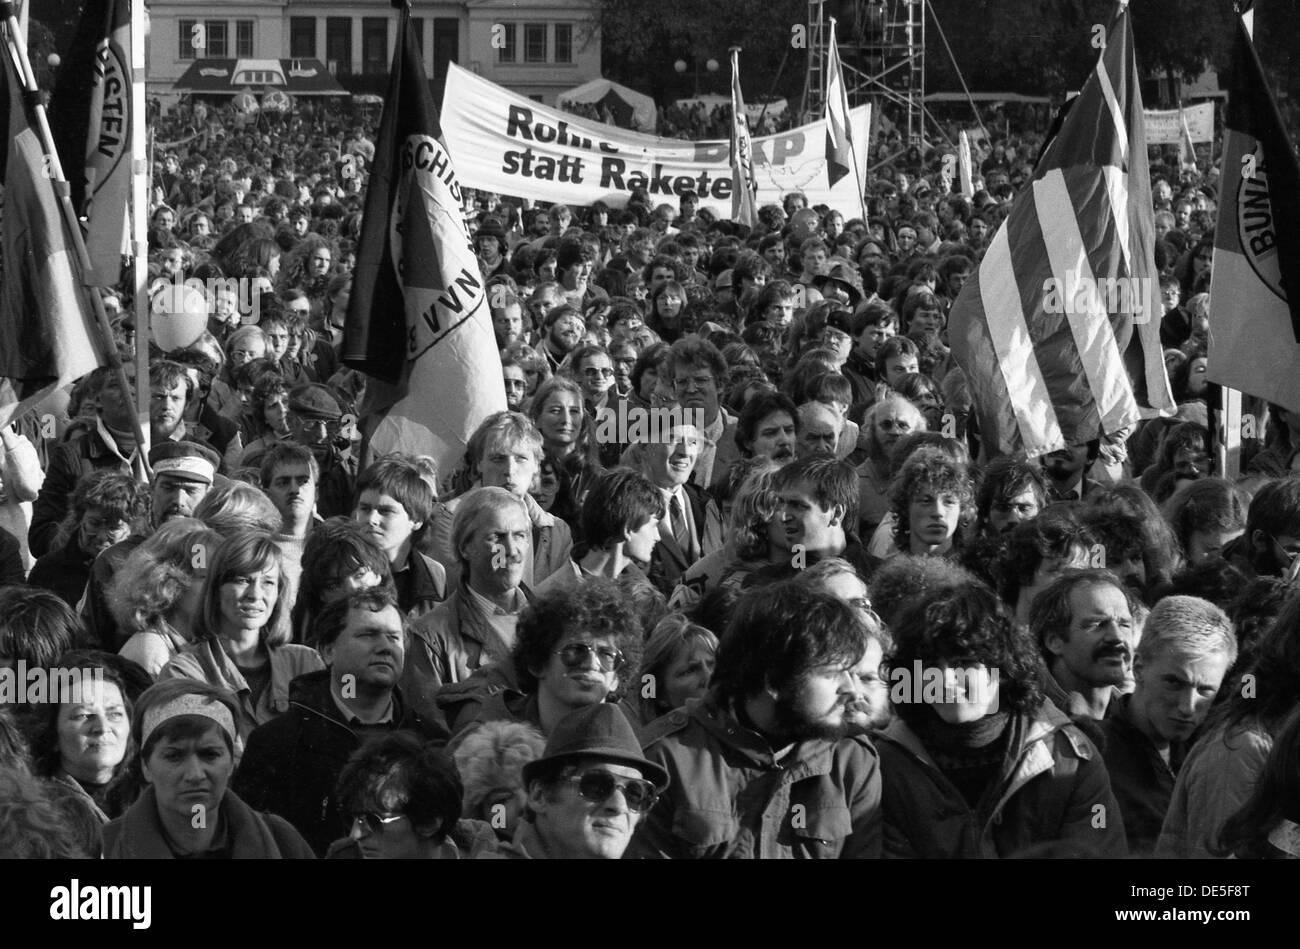 El movimiento por la paz, hoy hace 29 años fue un movimiento de masas ininterrumpida que gran parte de la población representada, como aquí con cadenas humanas delante de Mannesmann en Duisburg e incluso programar su rallye en Bonner Hofgarten  . Imagen De Stock